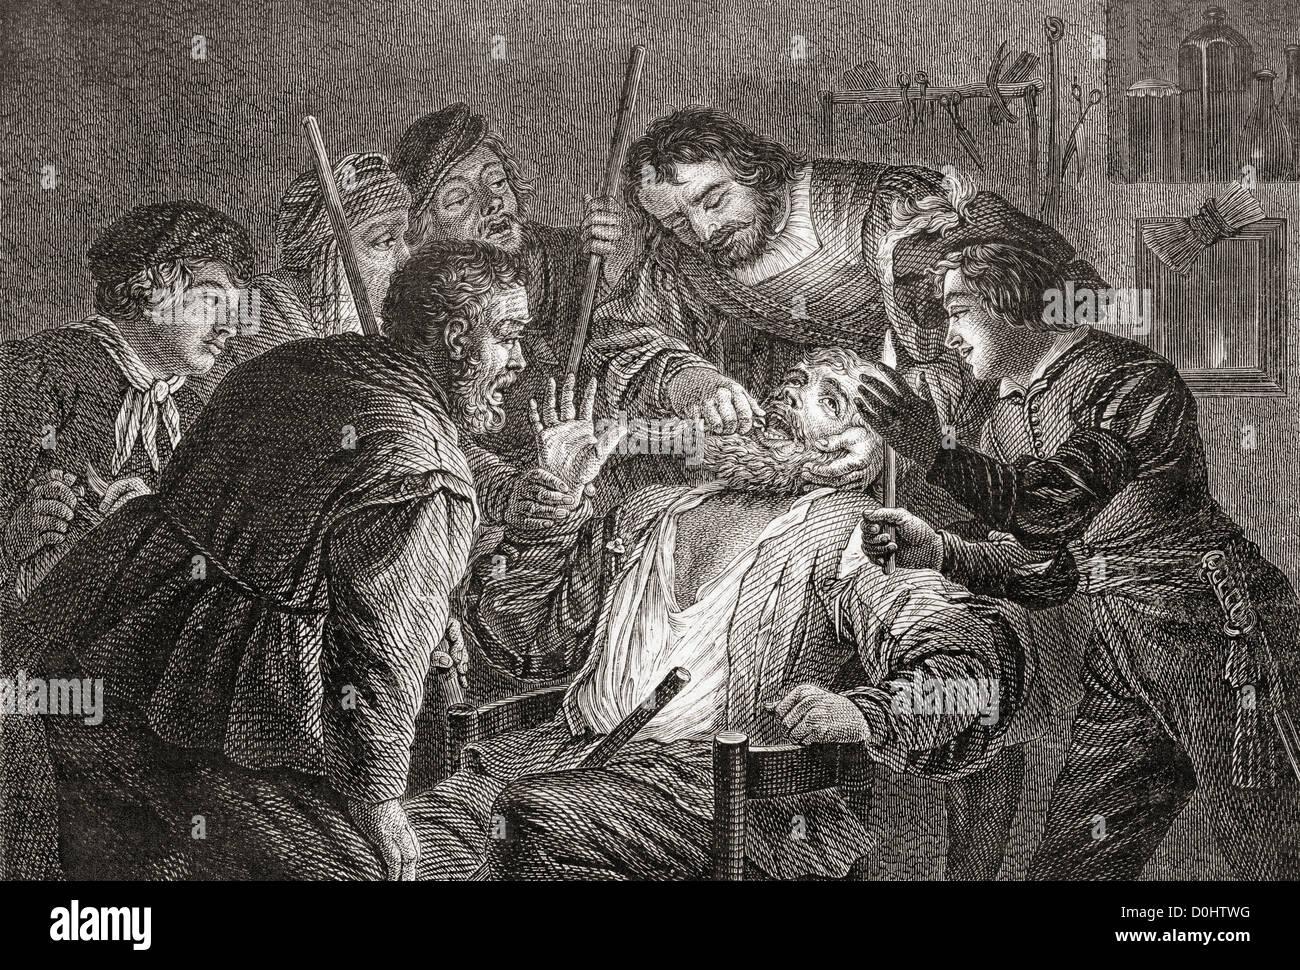 La Dentiste, il dentista di Gerard van Honthorst. Odontoiatria nel XVII secolo. Immagini Stock